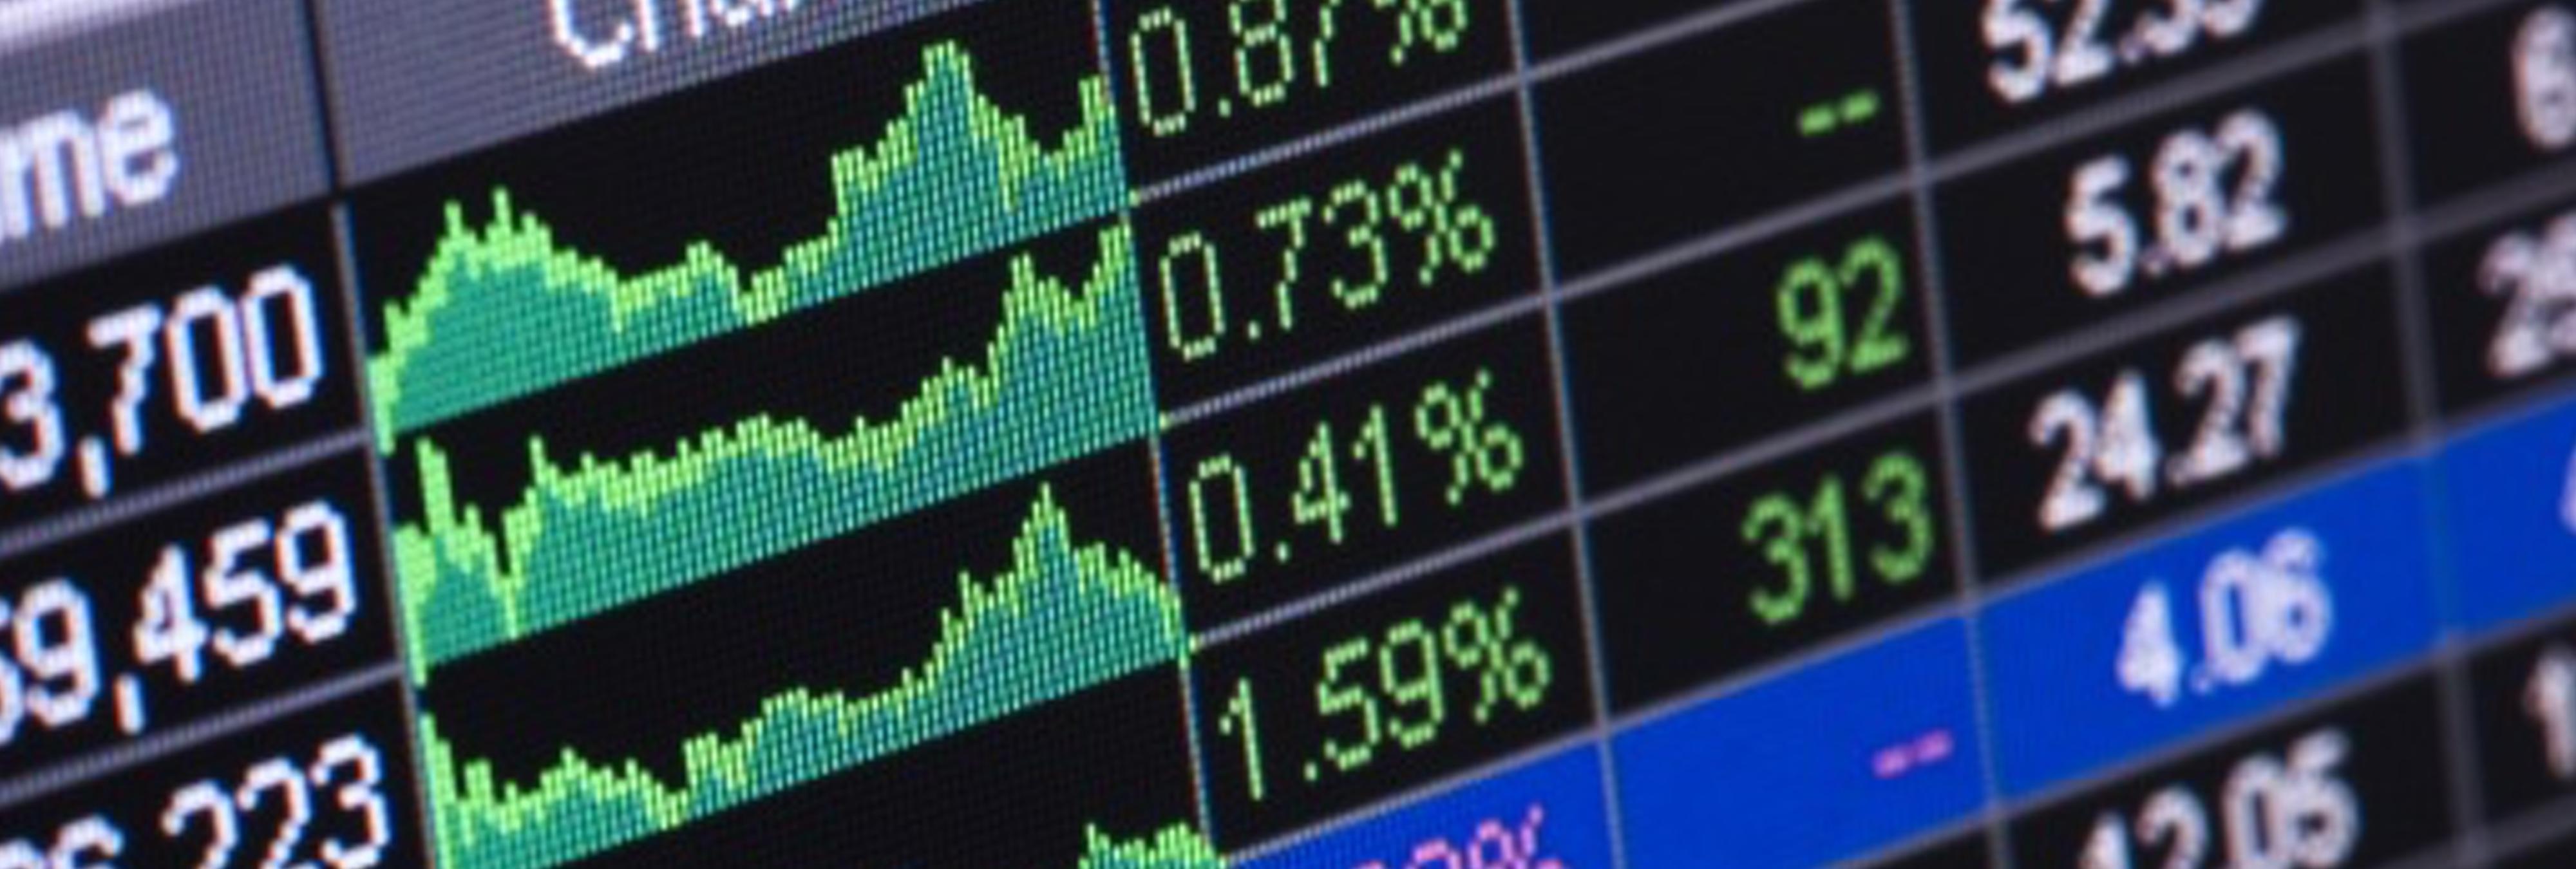 ¿Qué supone la caída de la bolsa de Wall Street? ¿Hay riesgo de una crisis internacional?